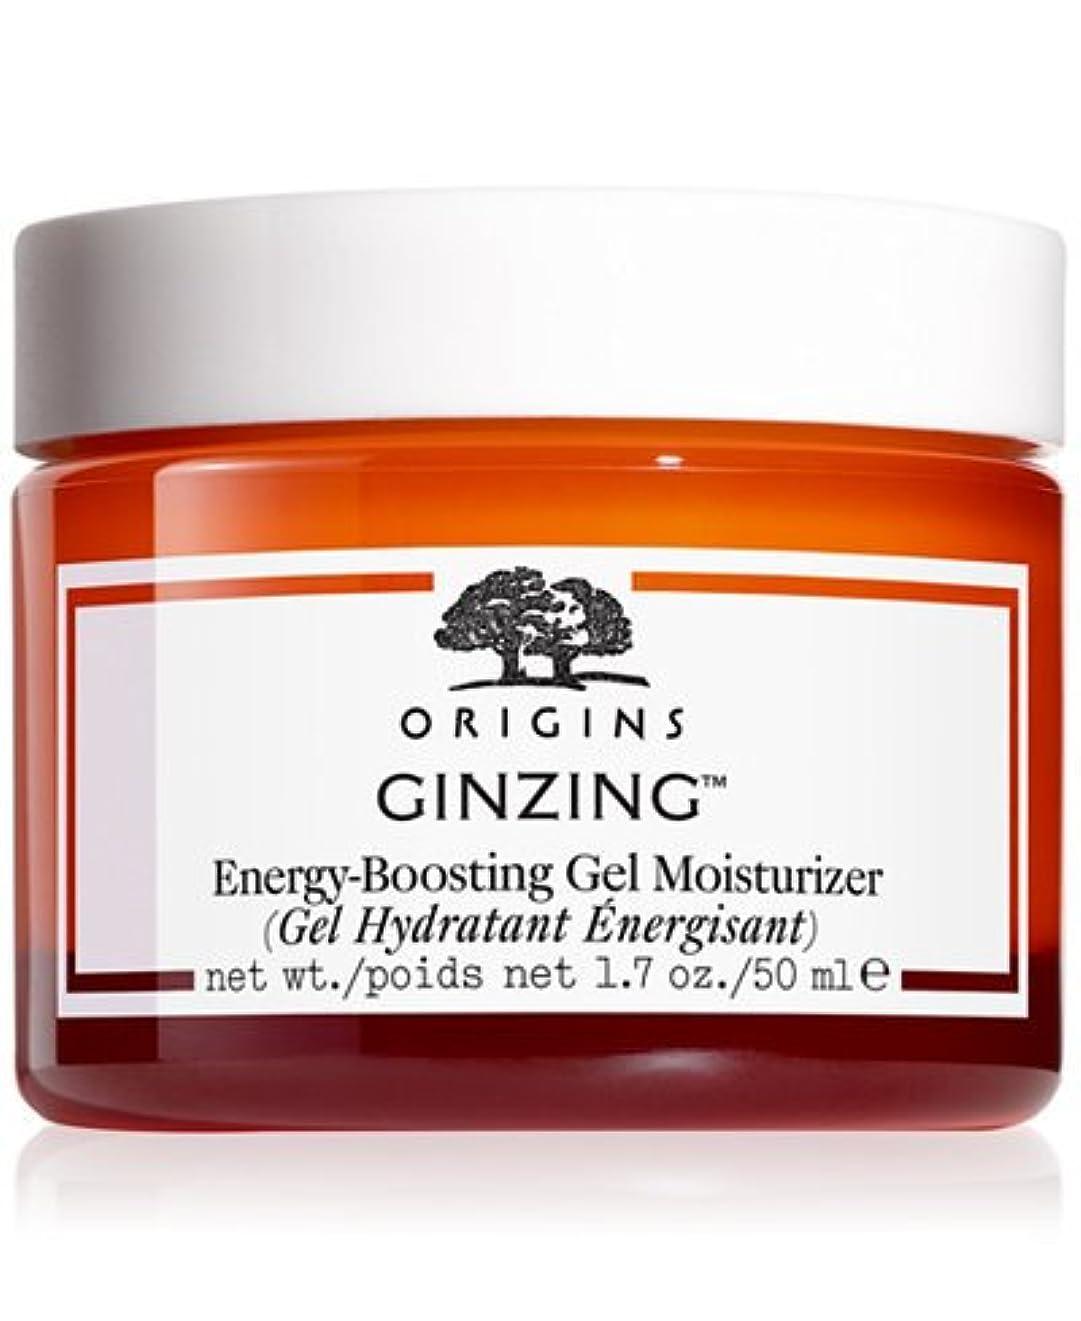 破壊建築錫Origins GinZing™ Energy-Boosting Moisturizer (オリジンズ ギンジング エナジー ブースティング モイスチャライザー) 1.7 oz (50ml) for Women